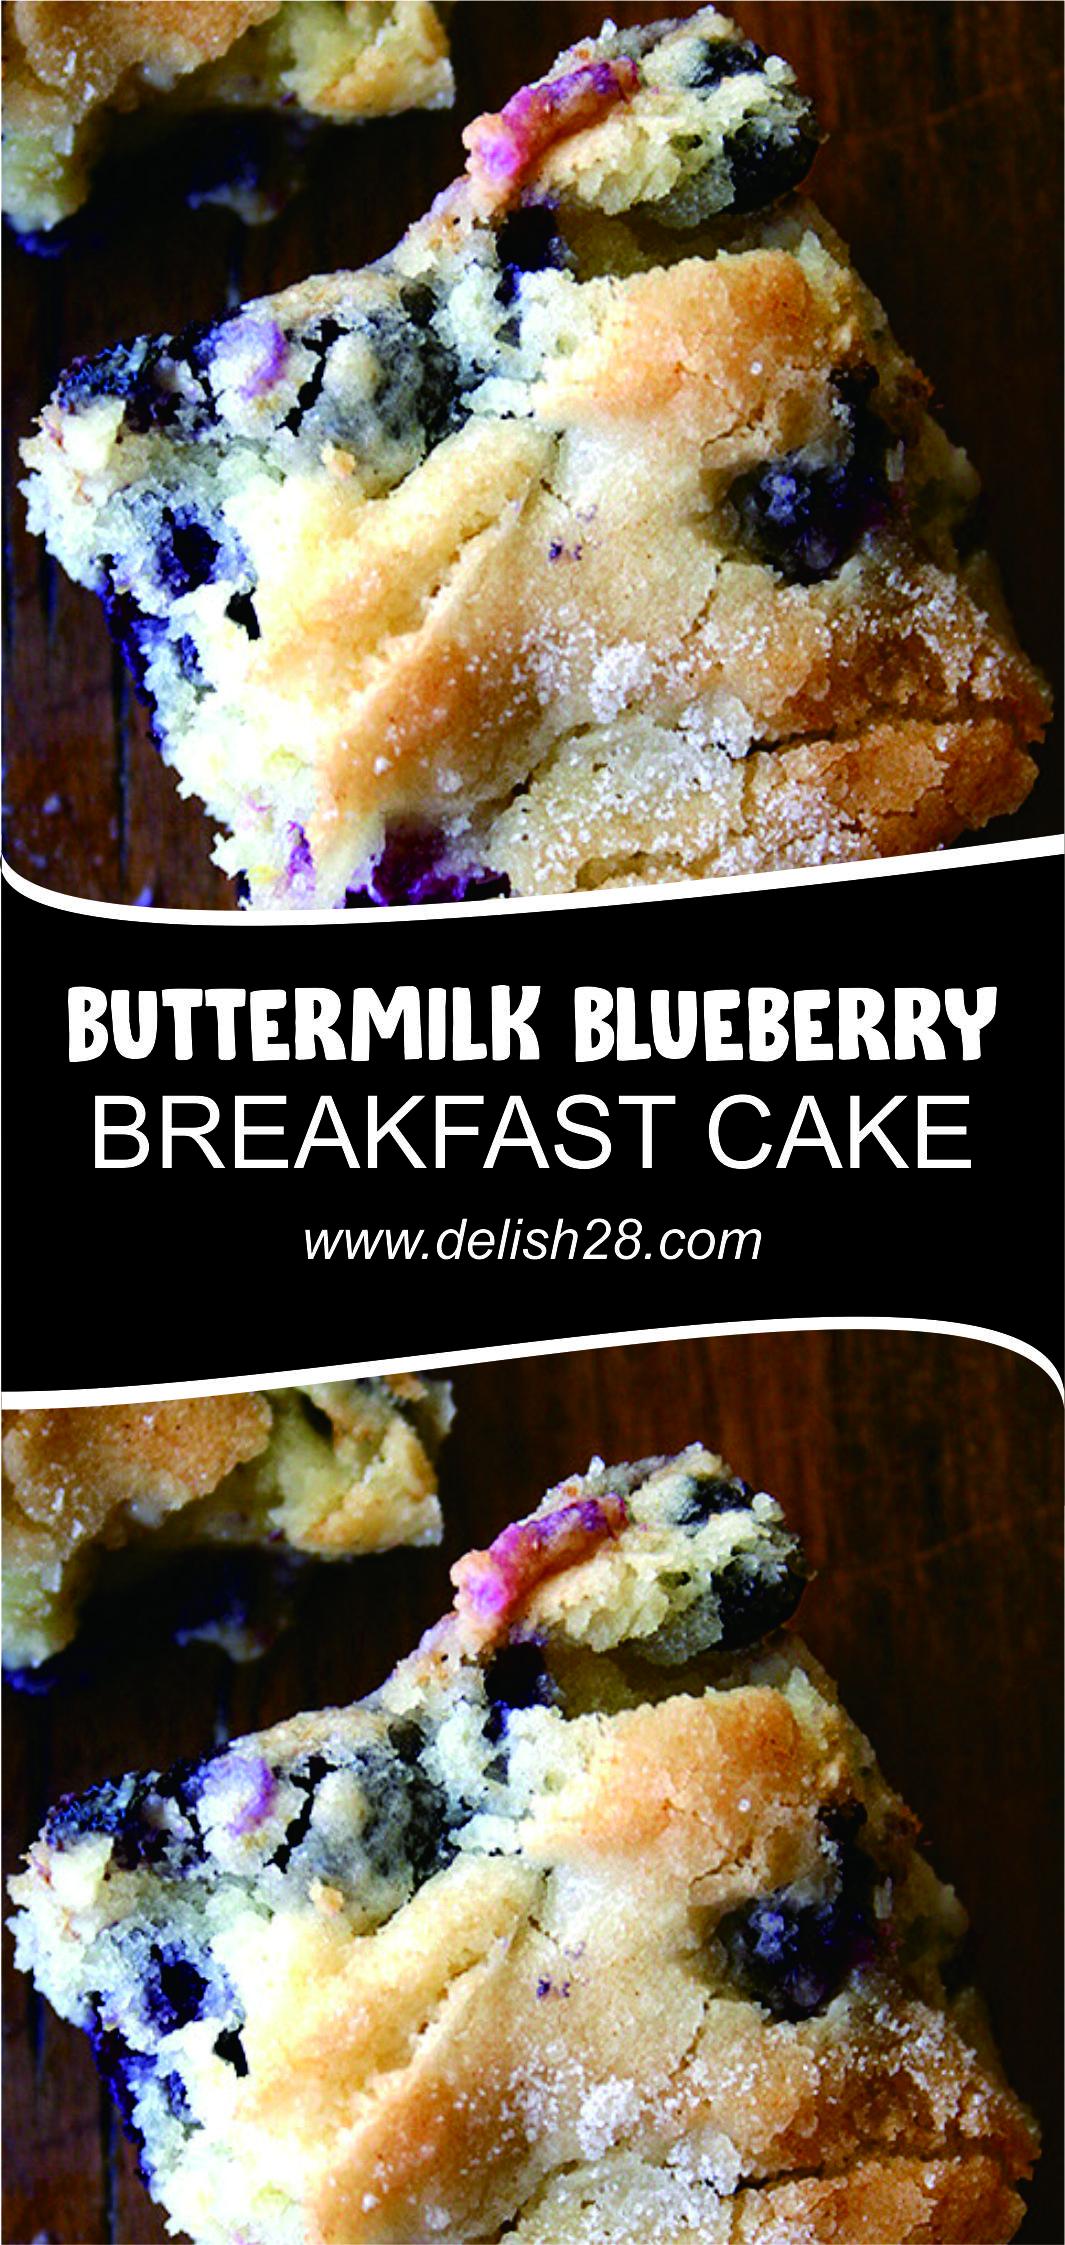 Buttermilk Blueberry Breakfast Cake